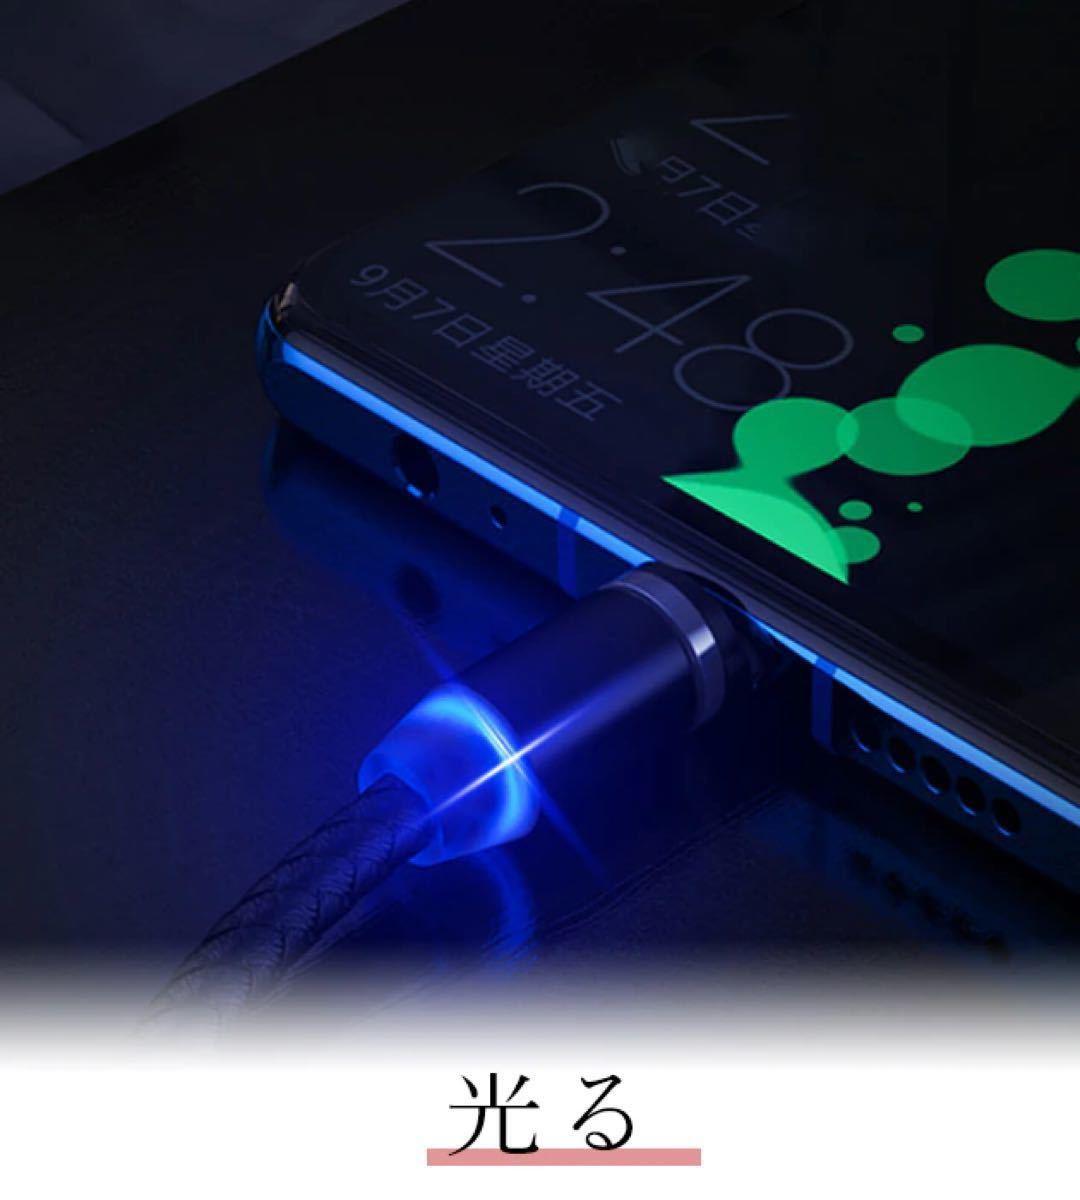 マグネット充電ケーブル 1M*3本+6個端子(iPhone*2+Android*2+TYPE-C*2)急速充電 磁石式 ケーブル